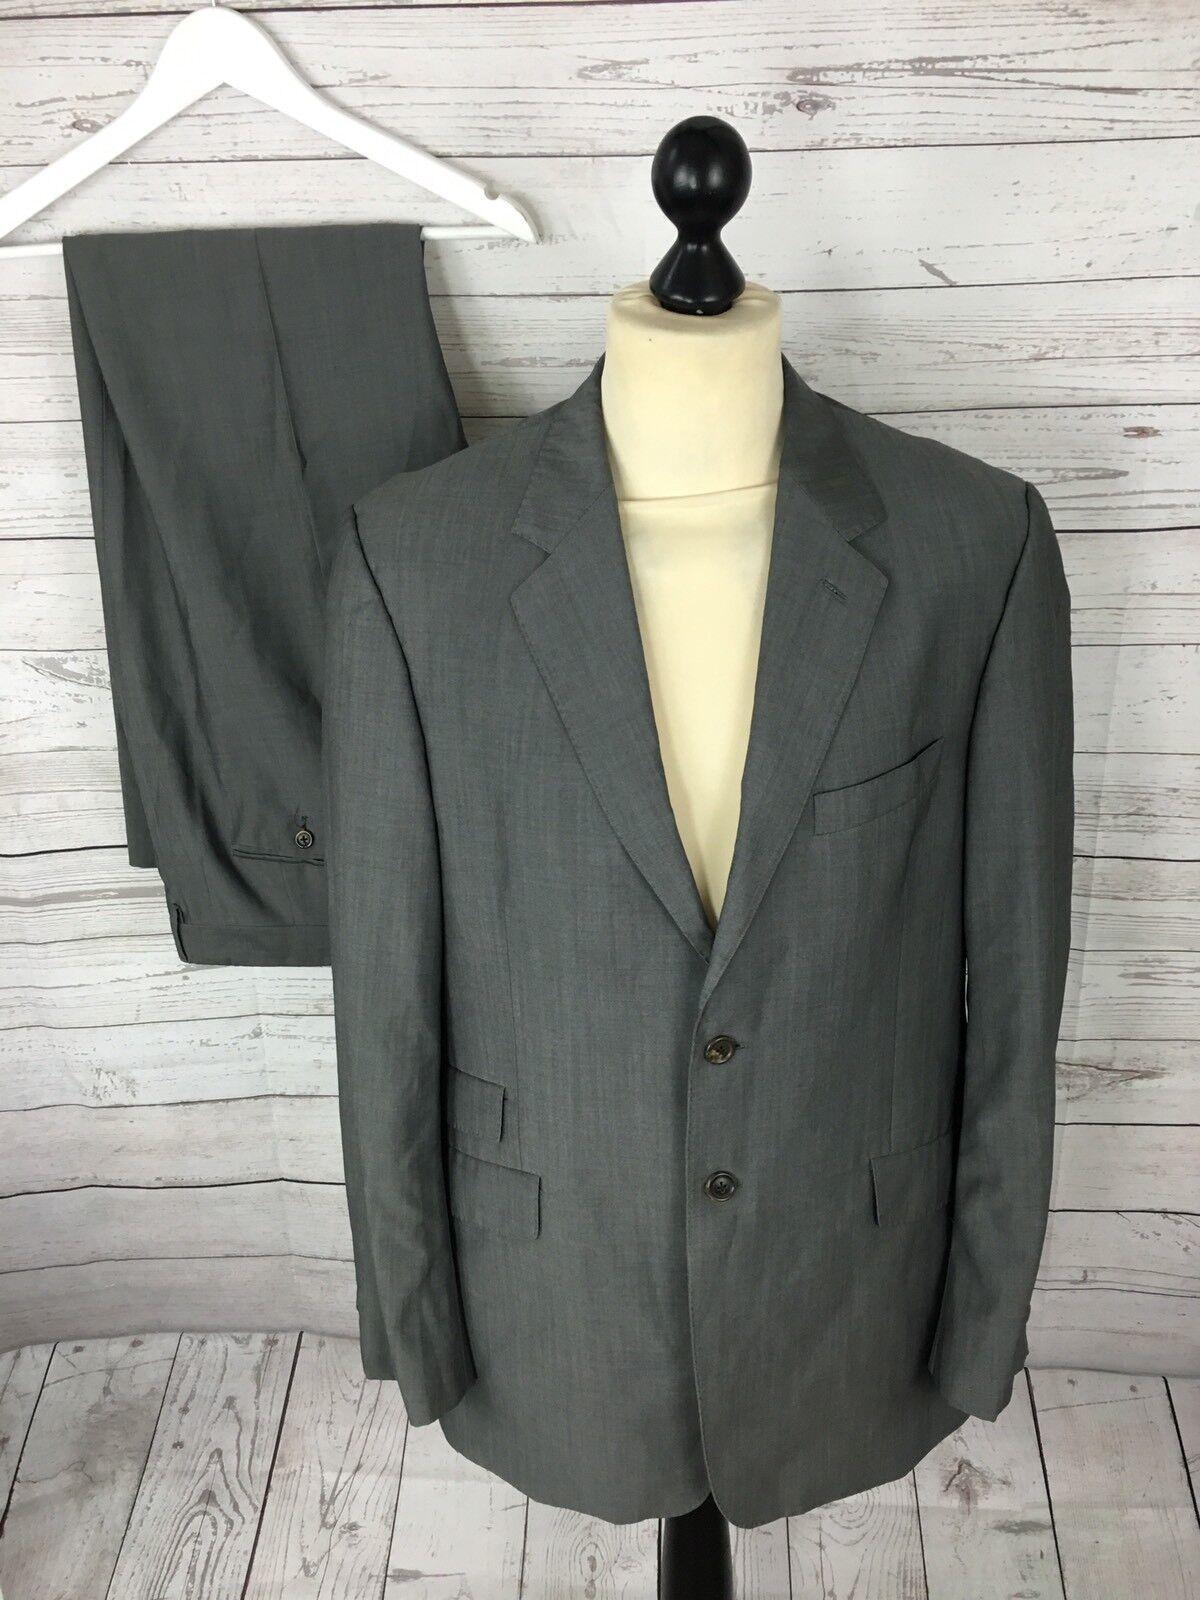 PAUL SMITH The Westbourne Suit - 42L W36 L34 - Grau